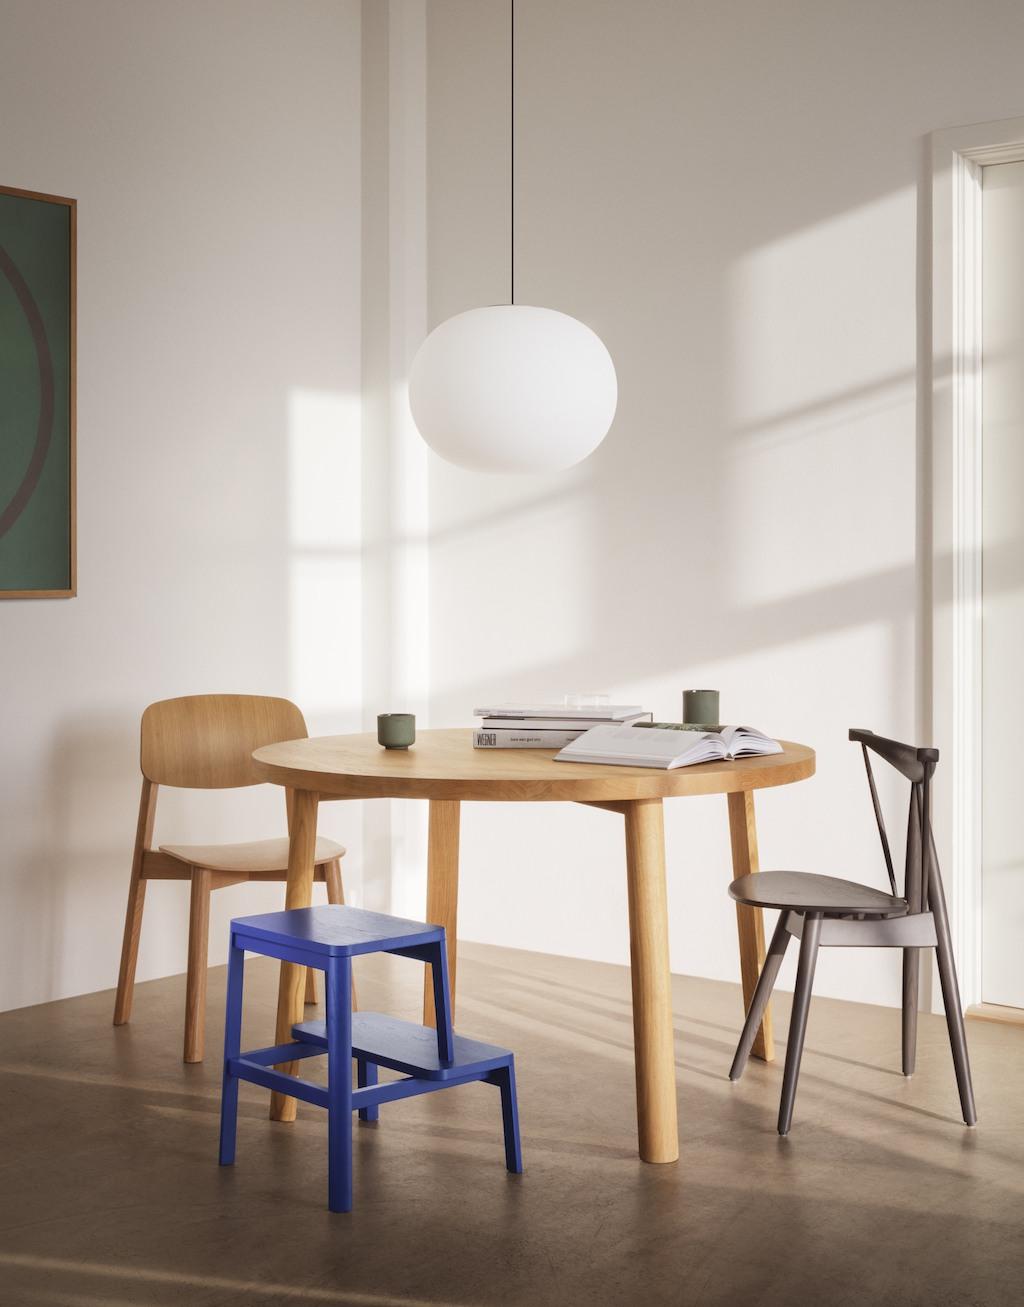 Salon Solisten am Esstisch. Ein runder Tisch aus hellem Holz, daran stehen zwei Stühle und ein blauer Hocker.